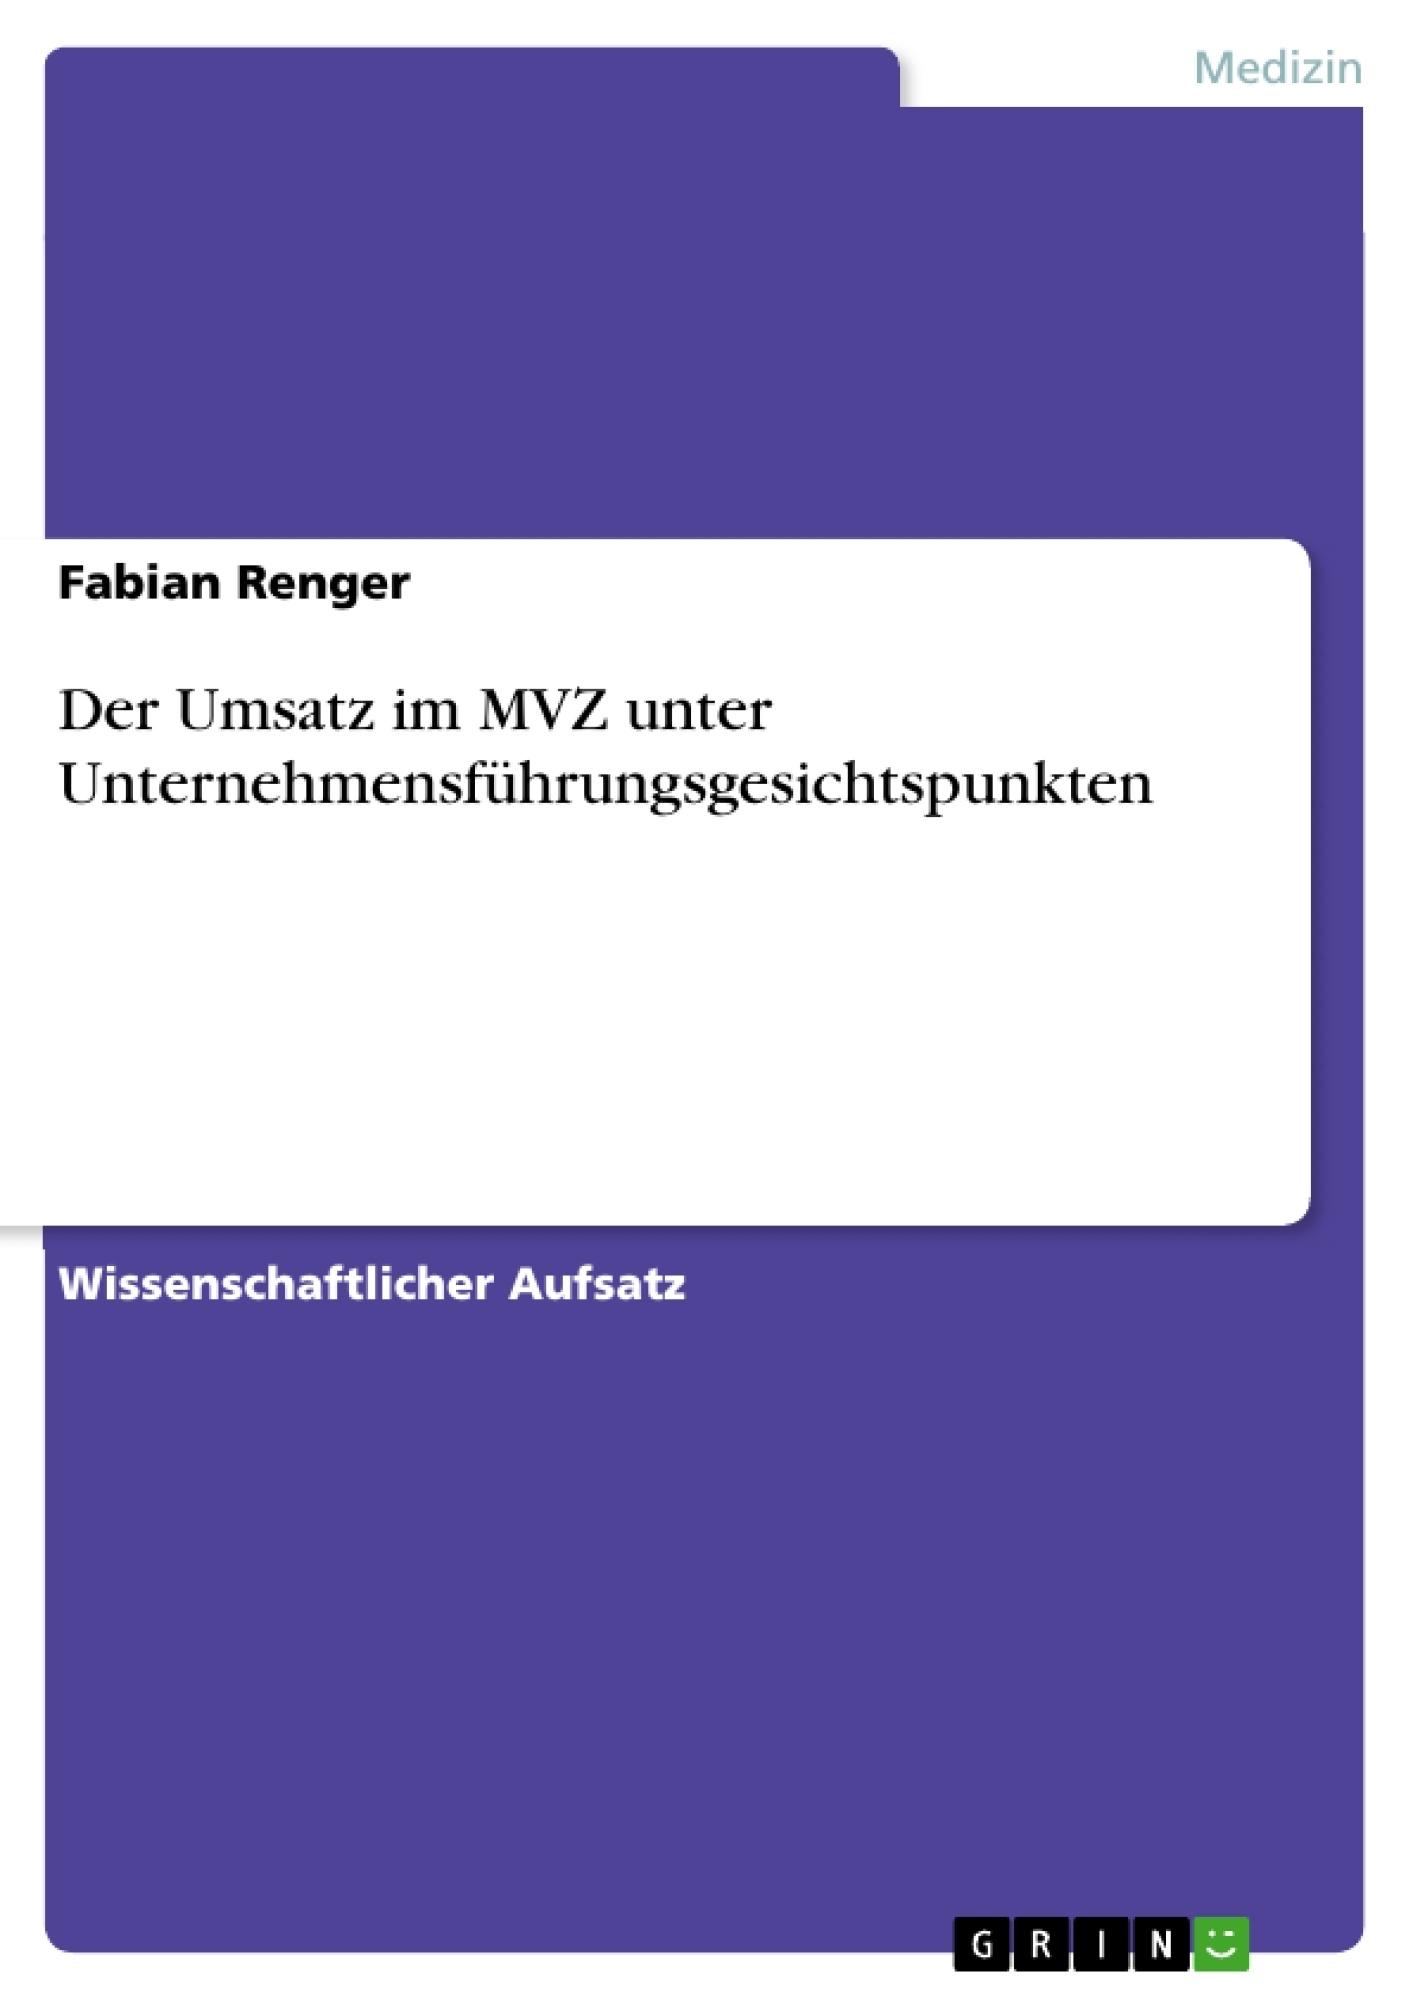 Titel: Der Umsatz im MVZ unter Unternehmensführungsgesichtspunkten